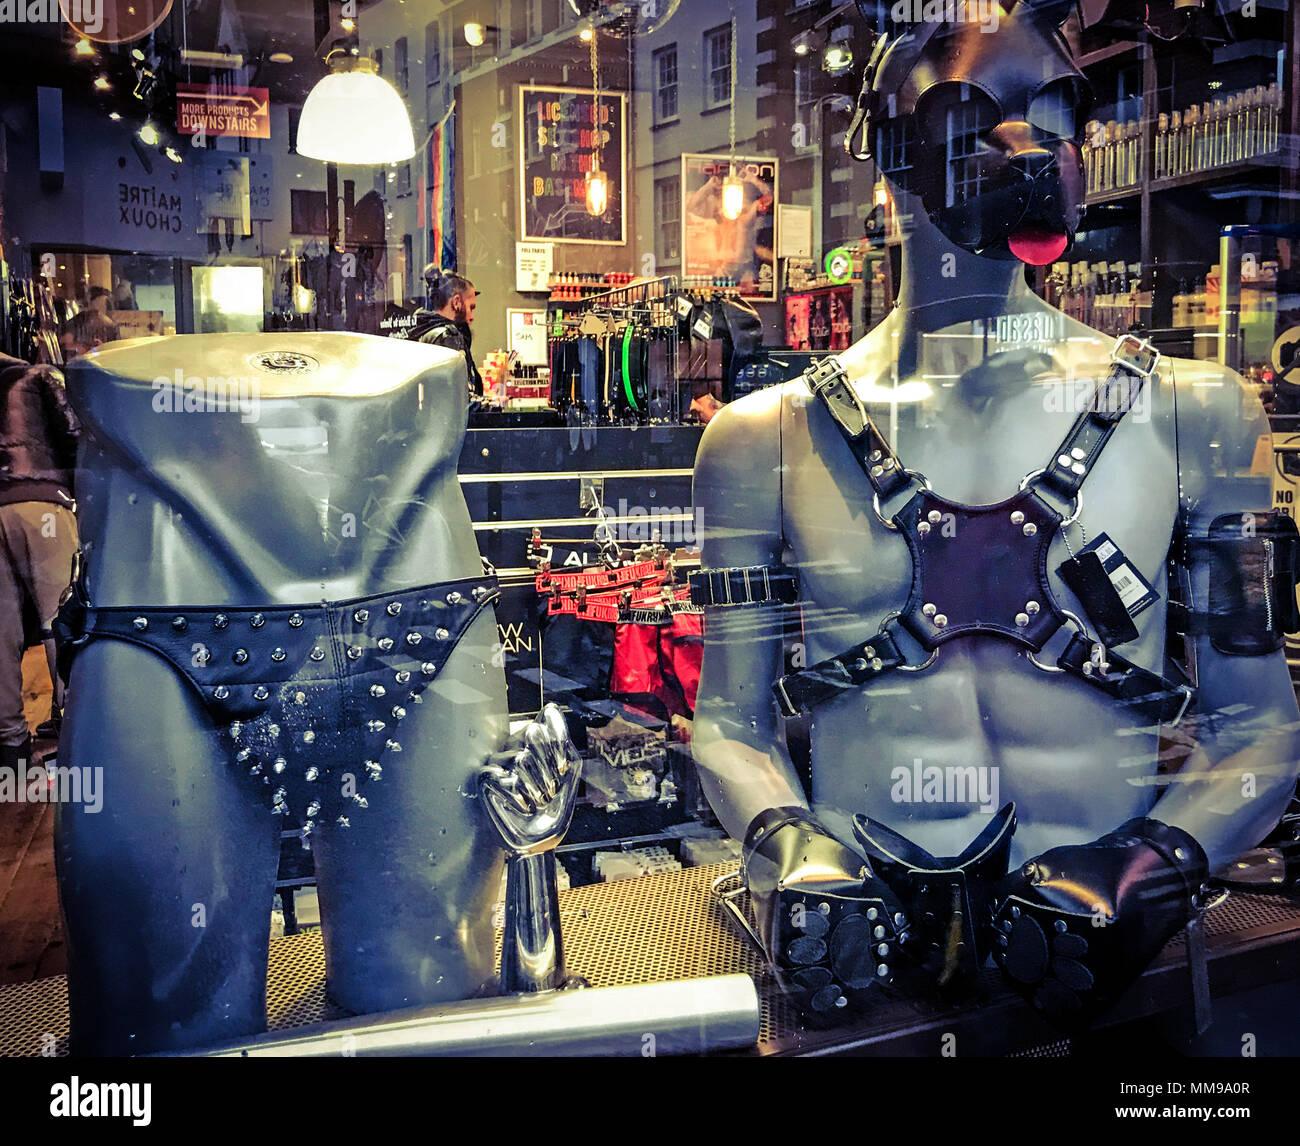 GoTonysmith,@HotpixUK,studded,homo,erotic,homo-erotic,homoerotic,Front shop window,of,Soho,leather,fetish retail,retail,buy,fetish retailer,England,UK,sex,sexy,perversion,leather perversion,city,city centre,erotic fashion,fashion,S&M,Bondage,Discipline,Submission,Sado/Masochism,Old Compton st,Old Compton street,leather culture,biker leathers,mask,leather mask,boutique,store,London shop,shopping